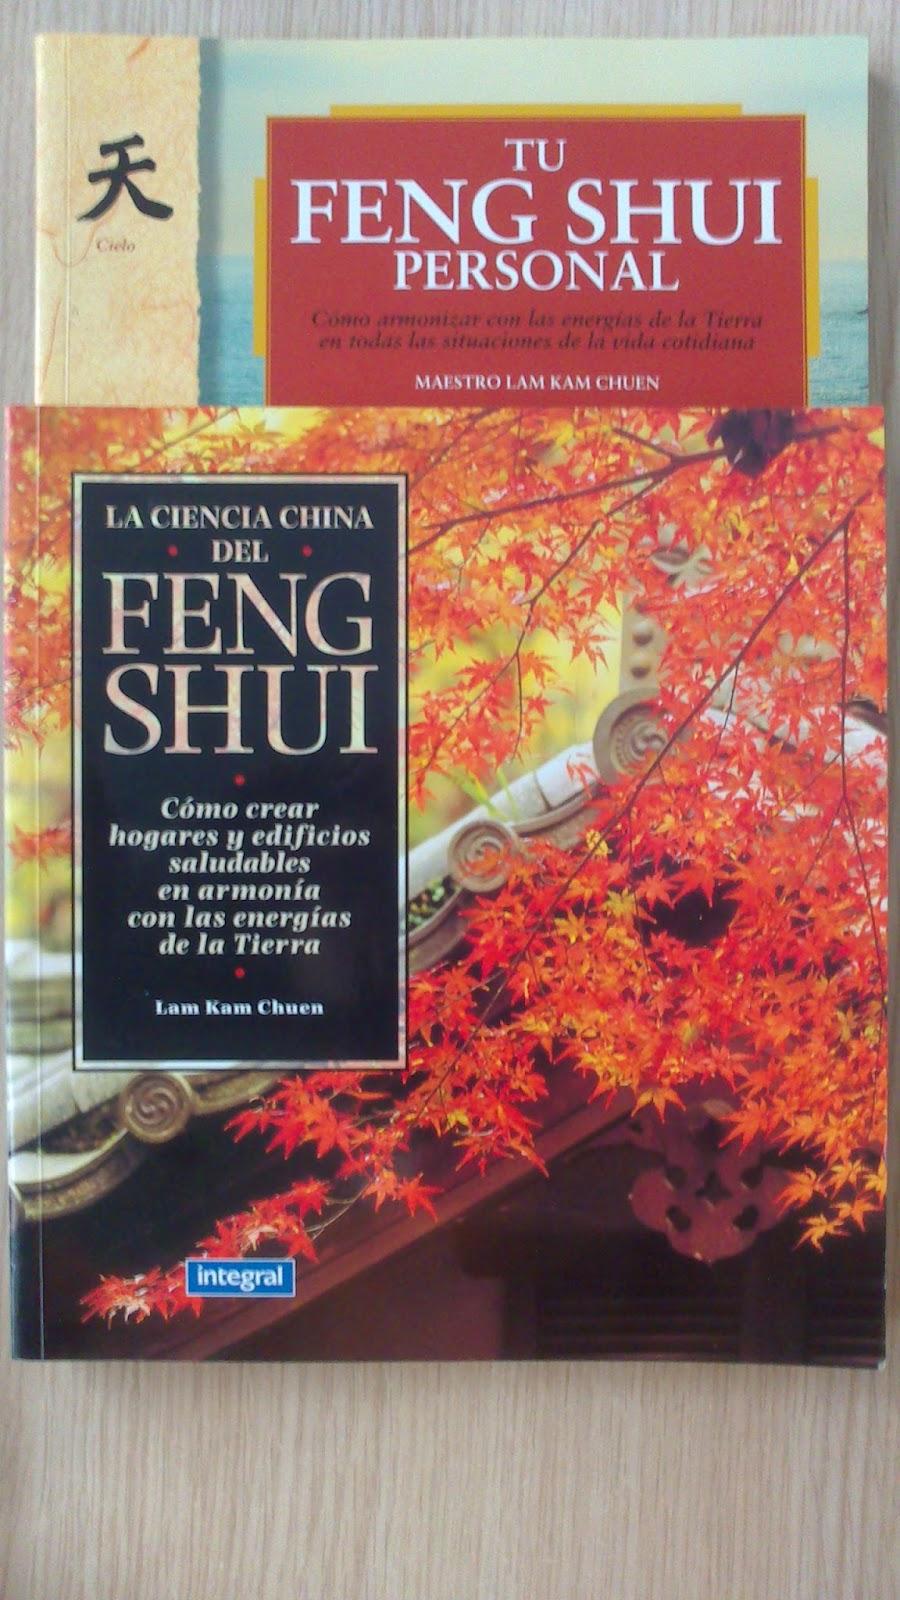 Los tres tesoros sabidur a y consejos de feng shui for Feng shui en casa consejos